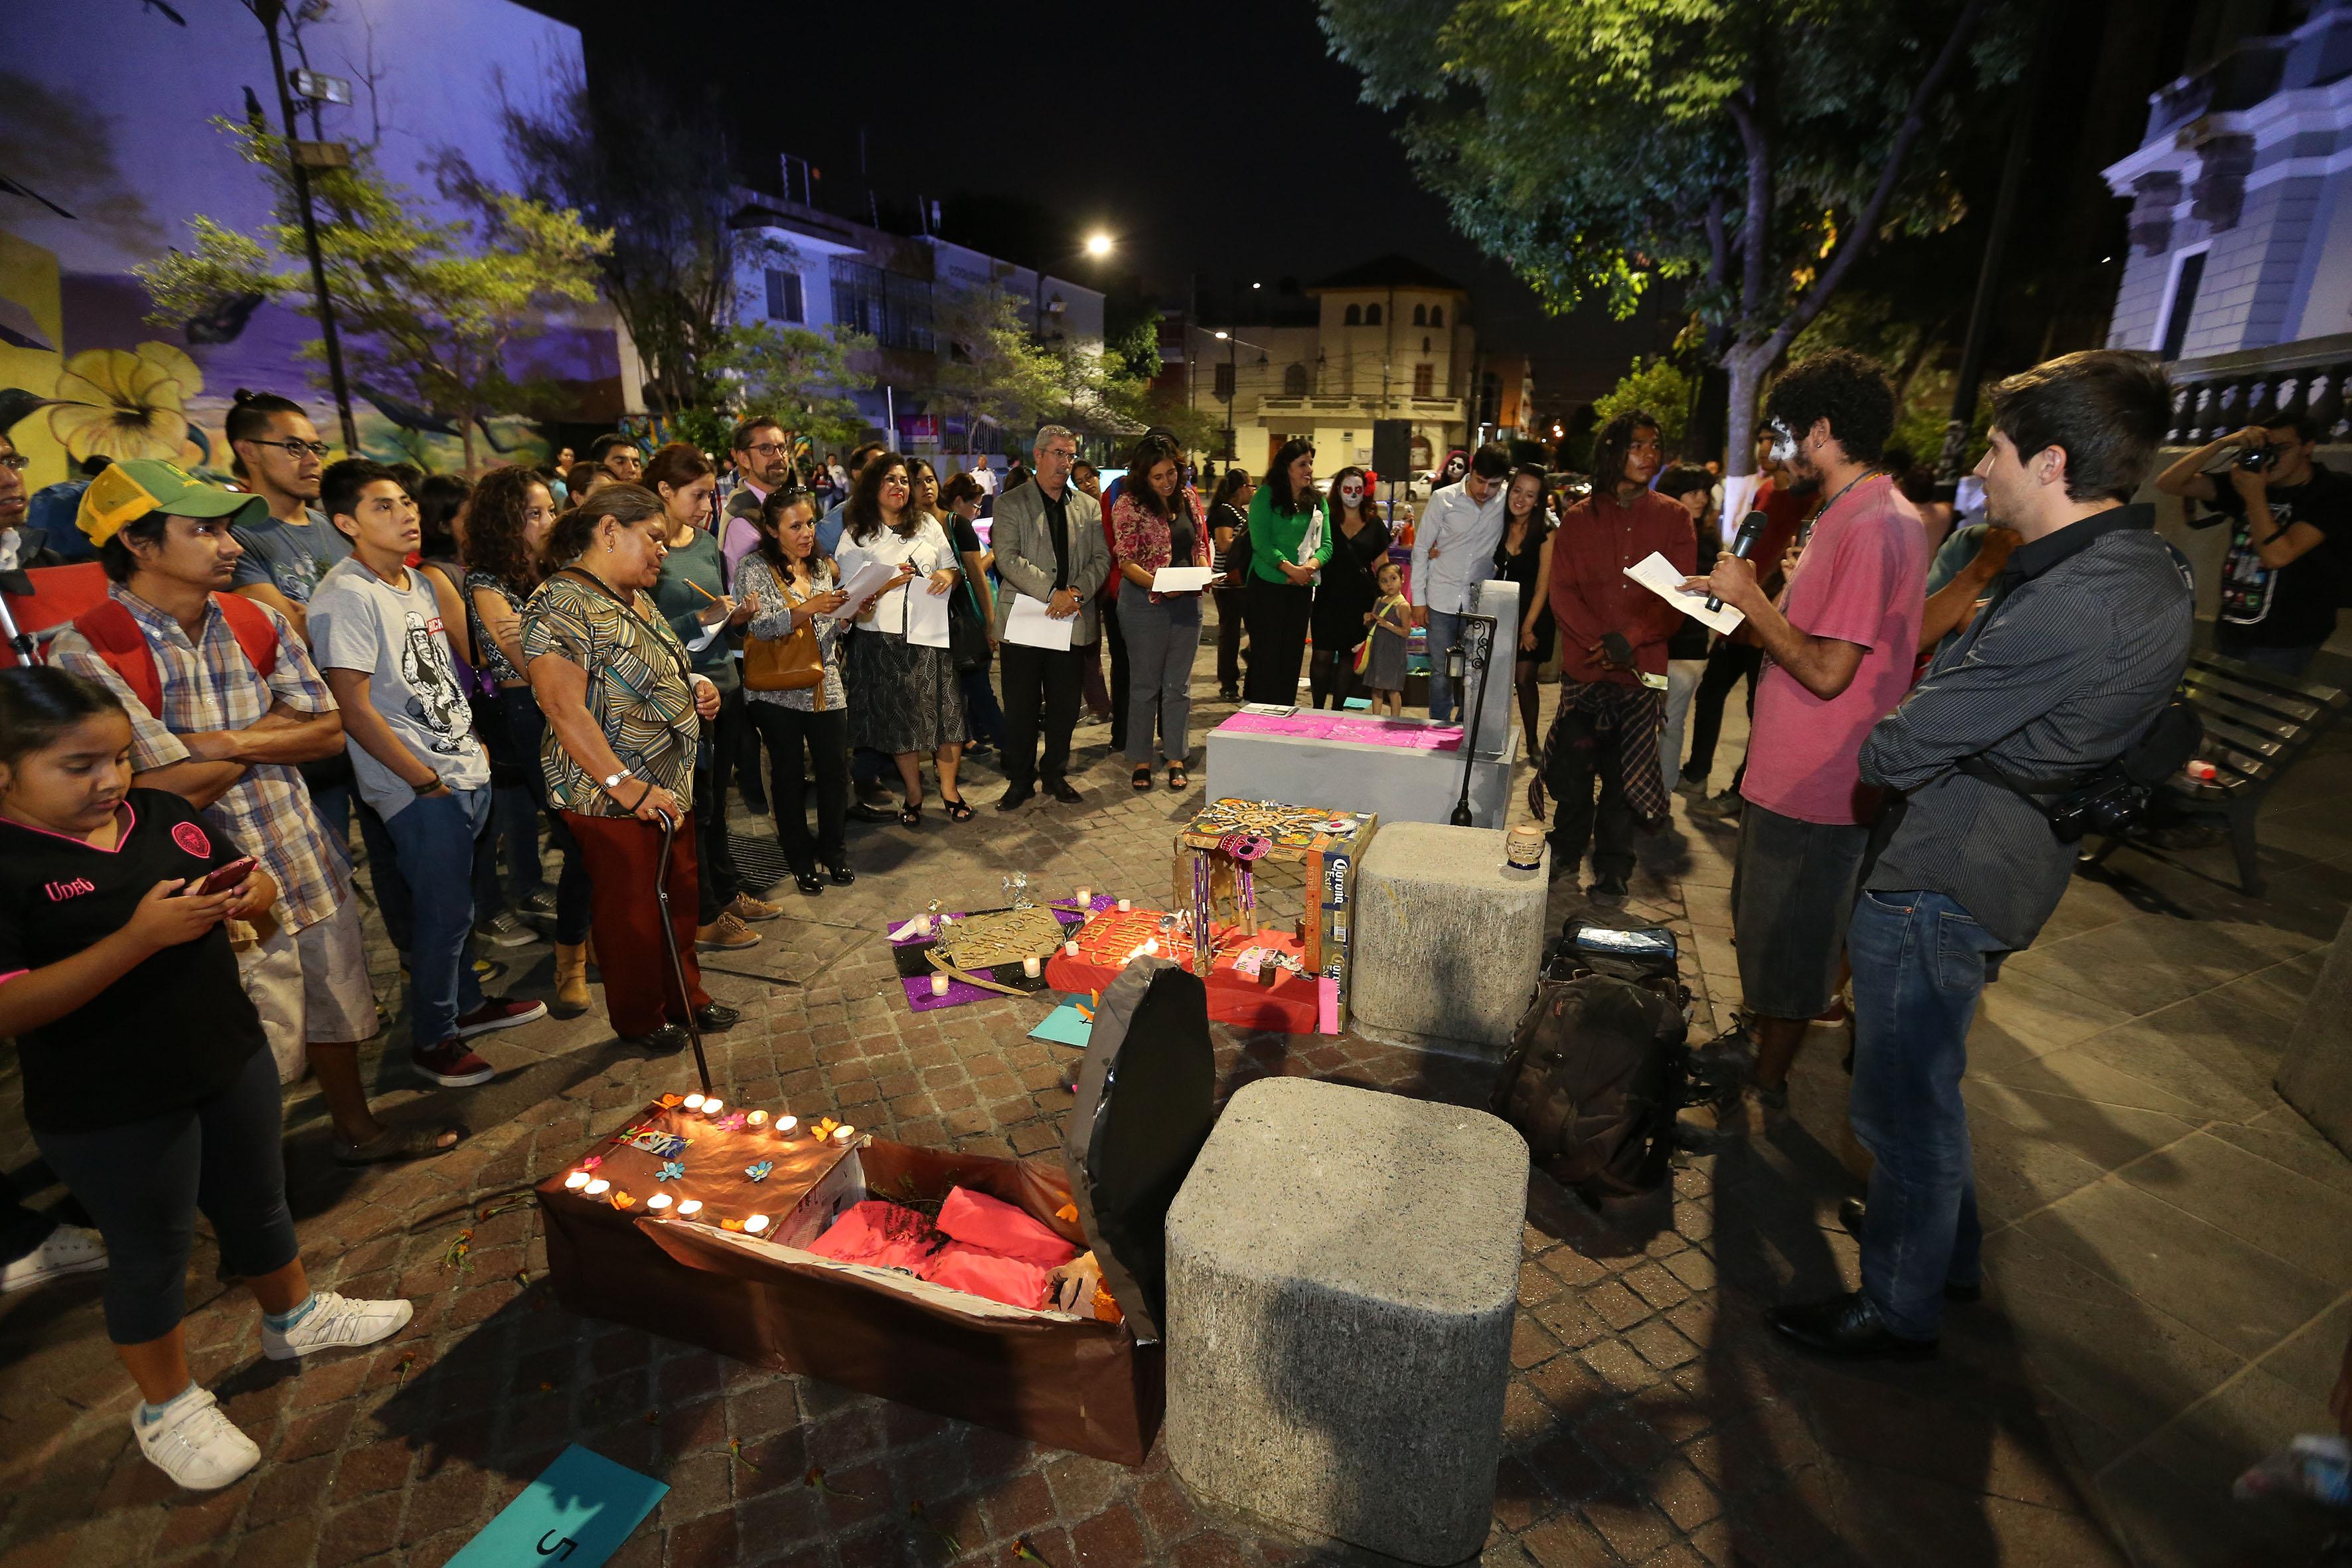 Público espectador, durante la presentación del concurso de tumbas con temática ambiental y calaveras literarias en la Rambla Cataluña.